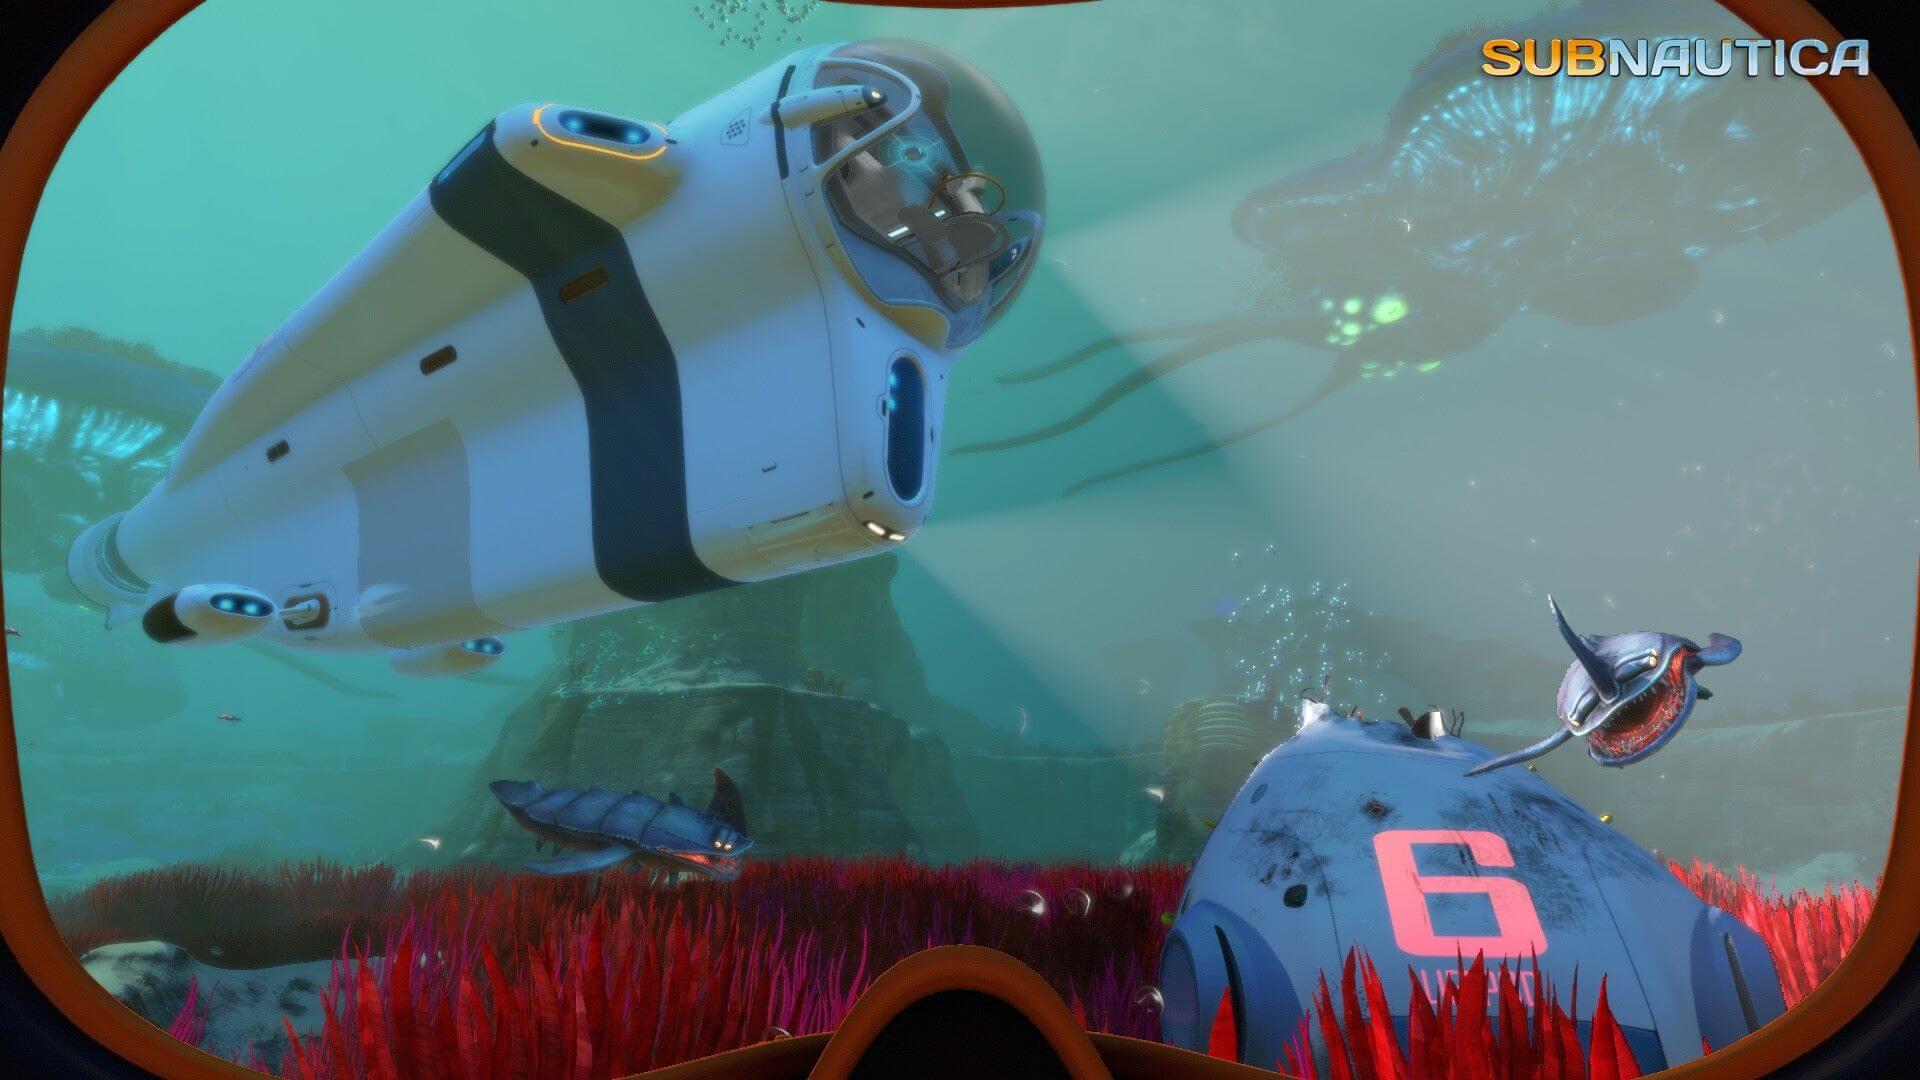 Subnautica PC PowerPlay001 - Review: Subnautica (PC) tem sobrevivência e sandbox submarinos